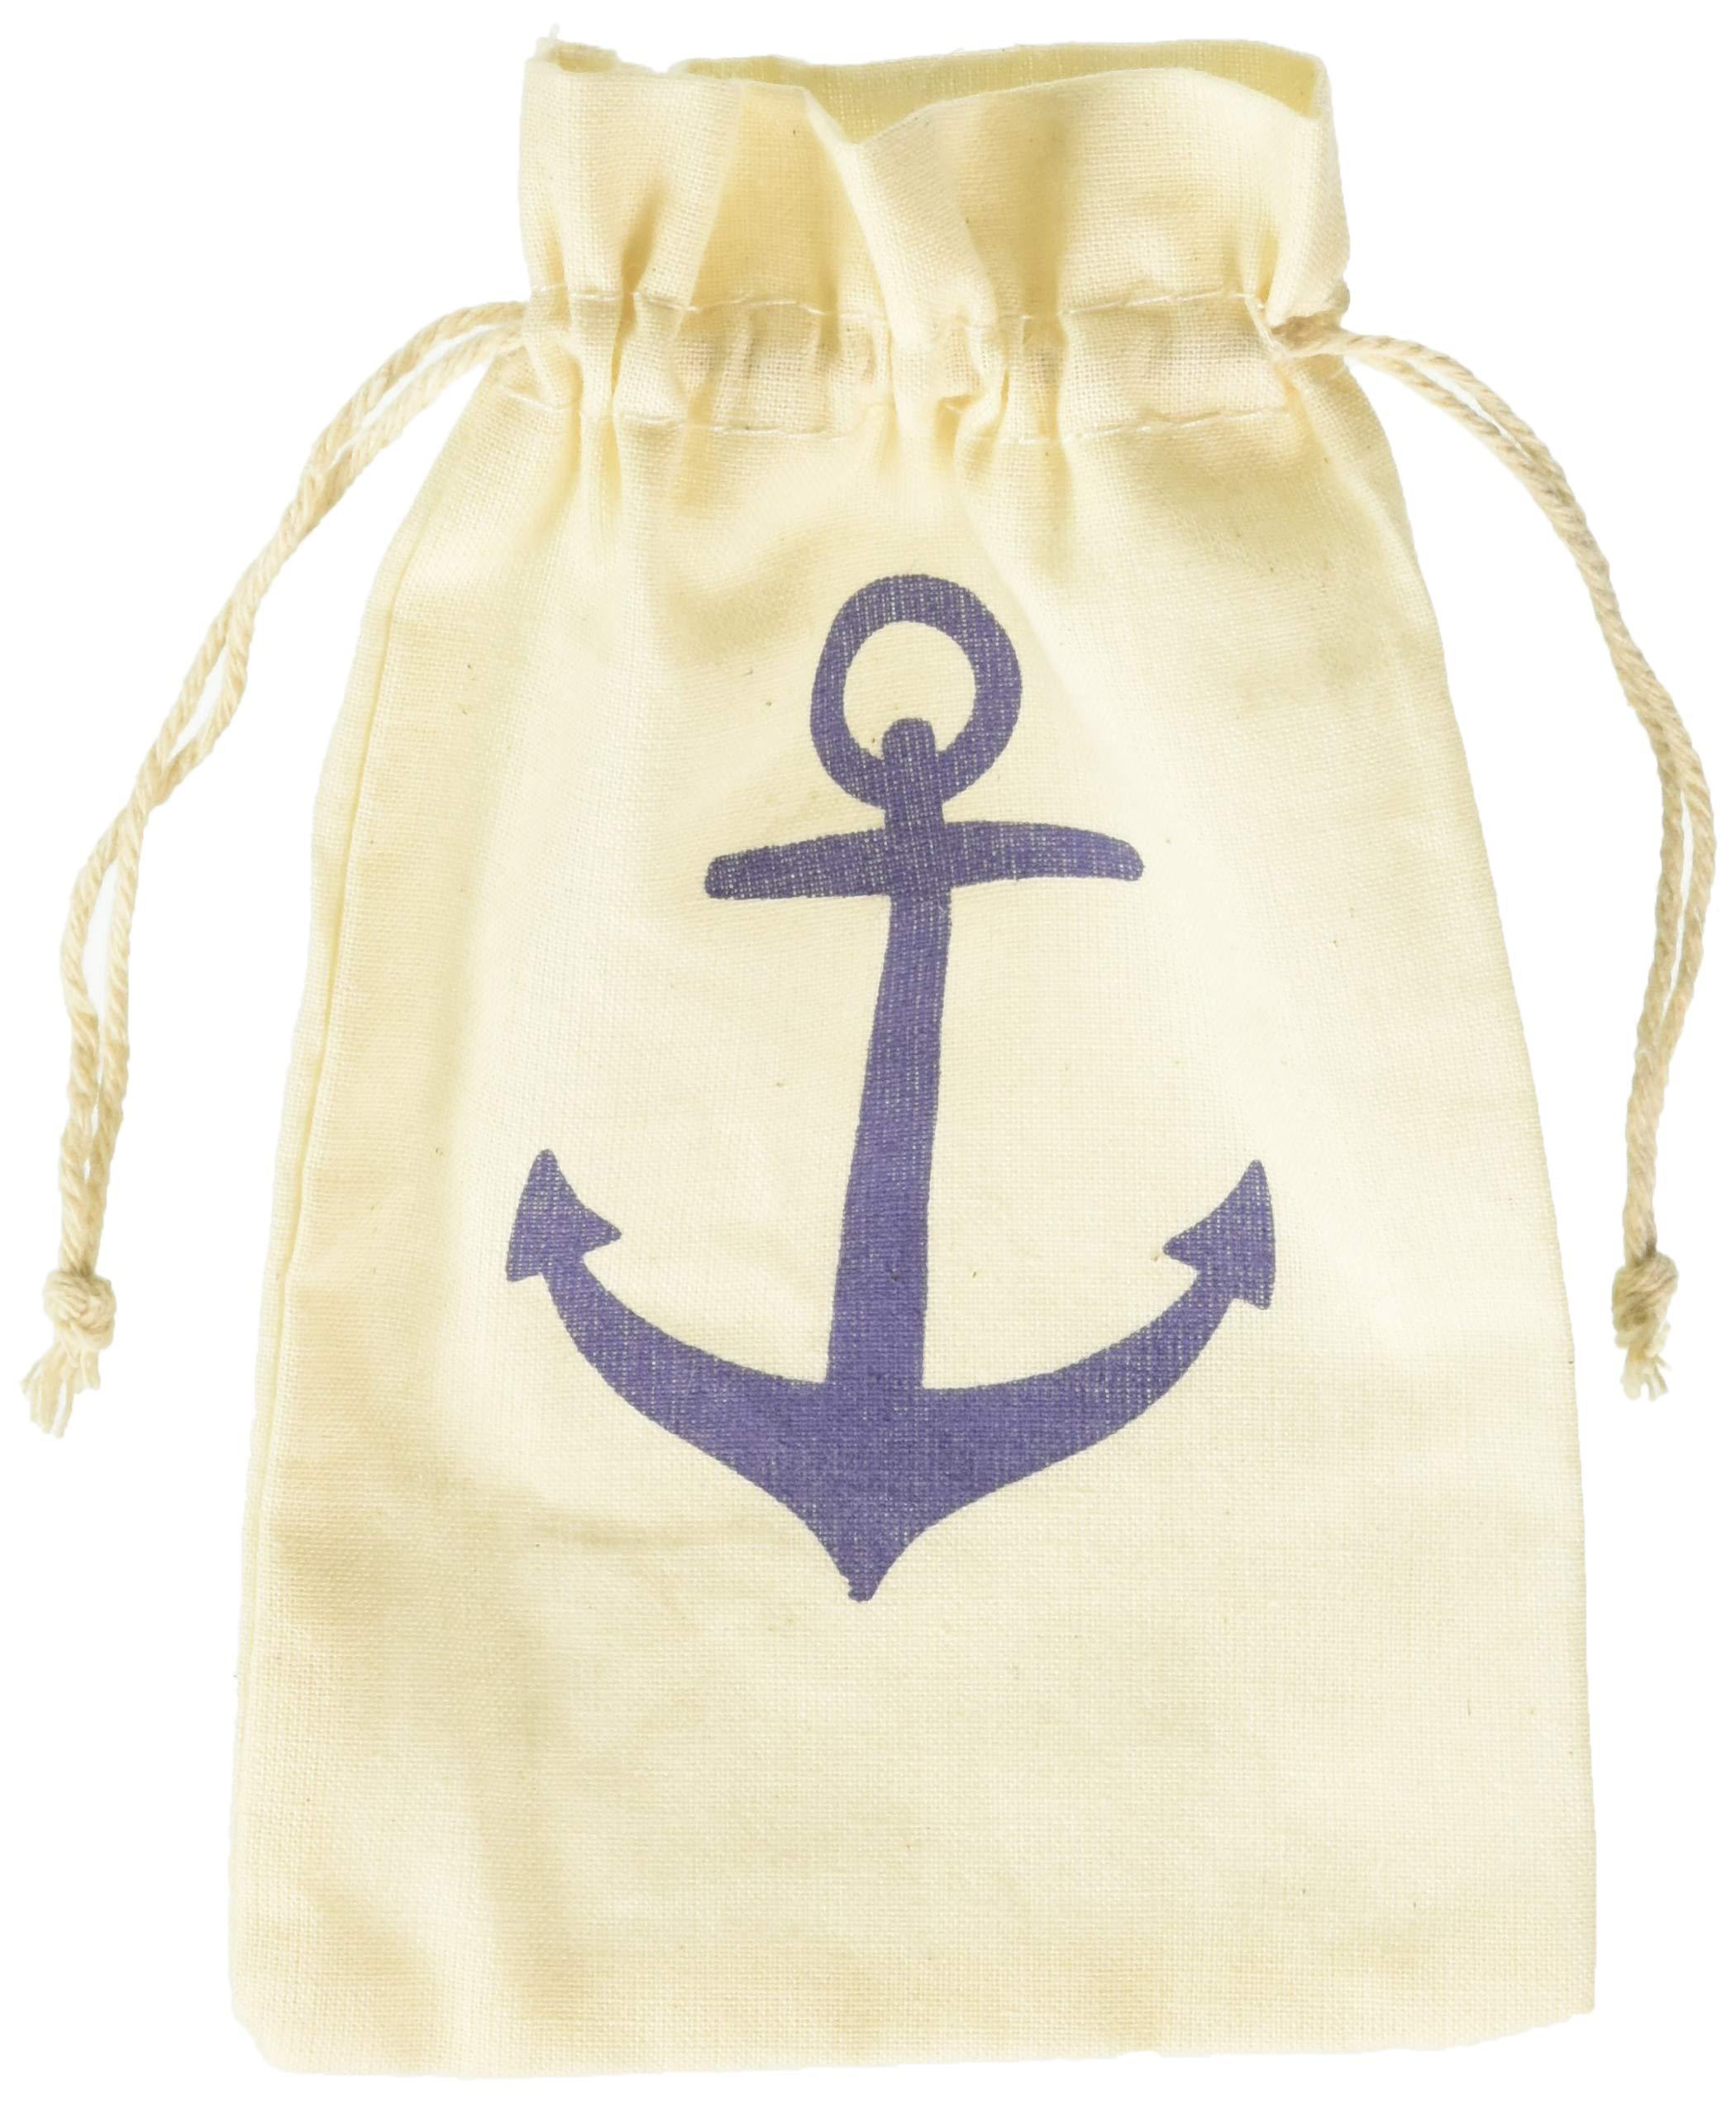 Kate Aspen ''Voyages Anchor Muslin Favor Bag, Set of 12